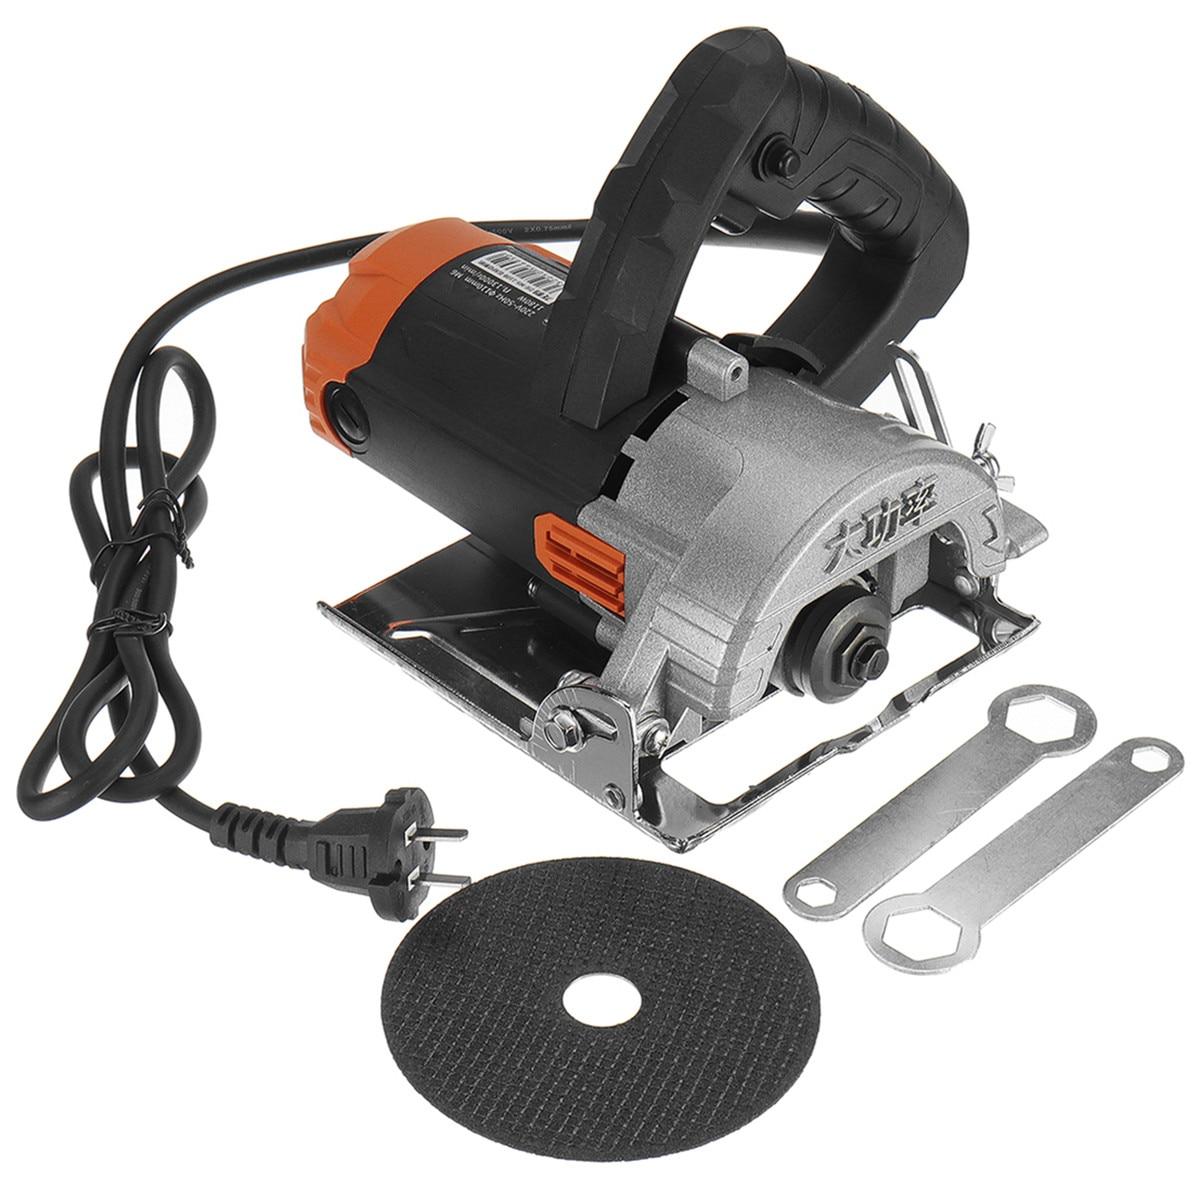 1180W moteurs de scie électrique 110mm lame 13000 tr/min haute vitesse bois métal portable Machine de découpe fil scie céramique marbre carrelage outil